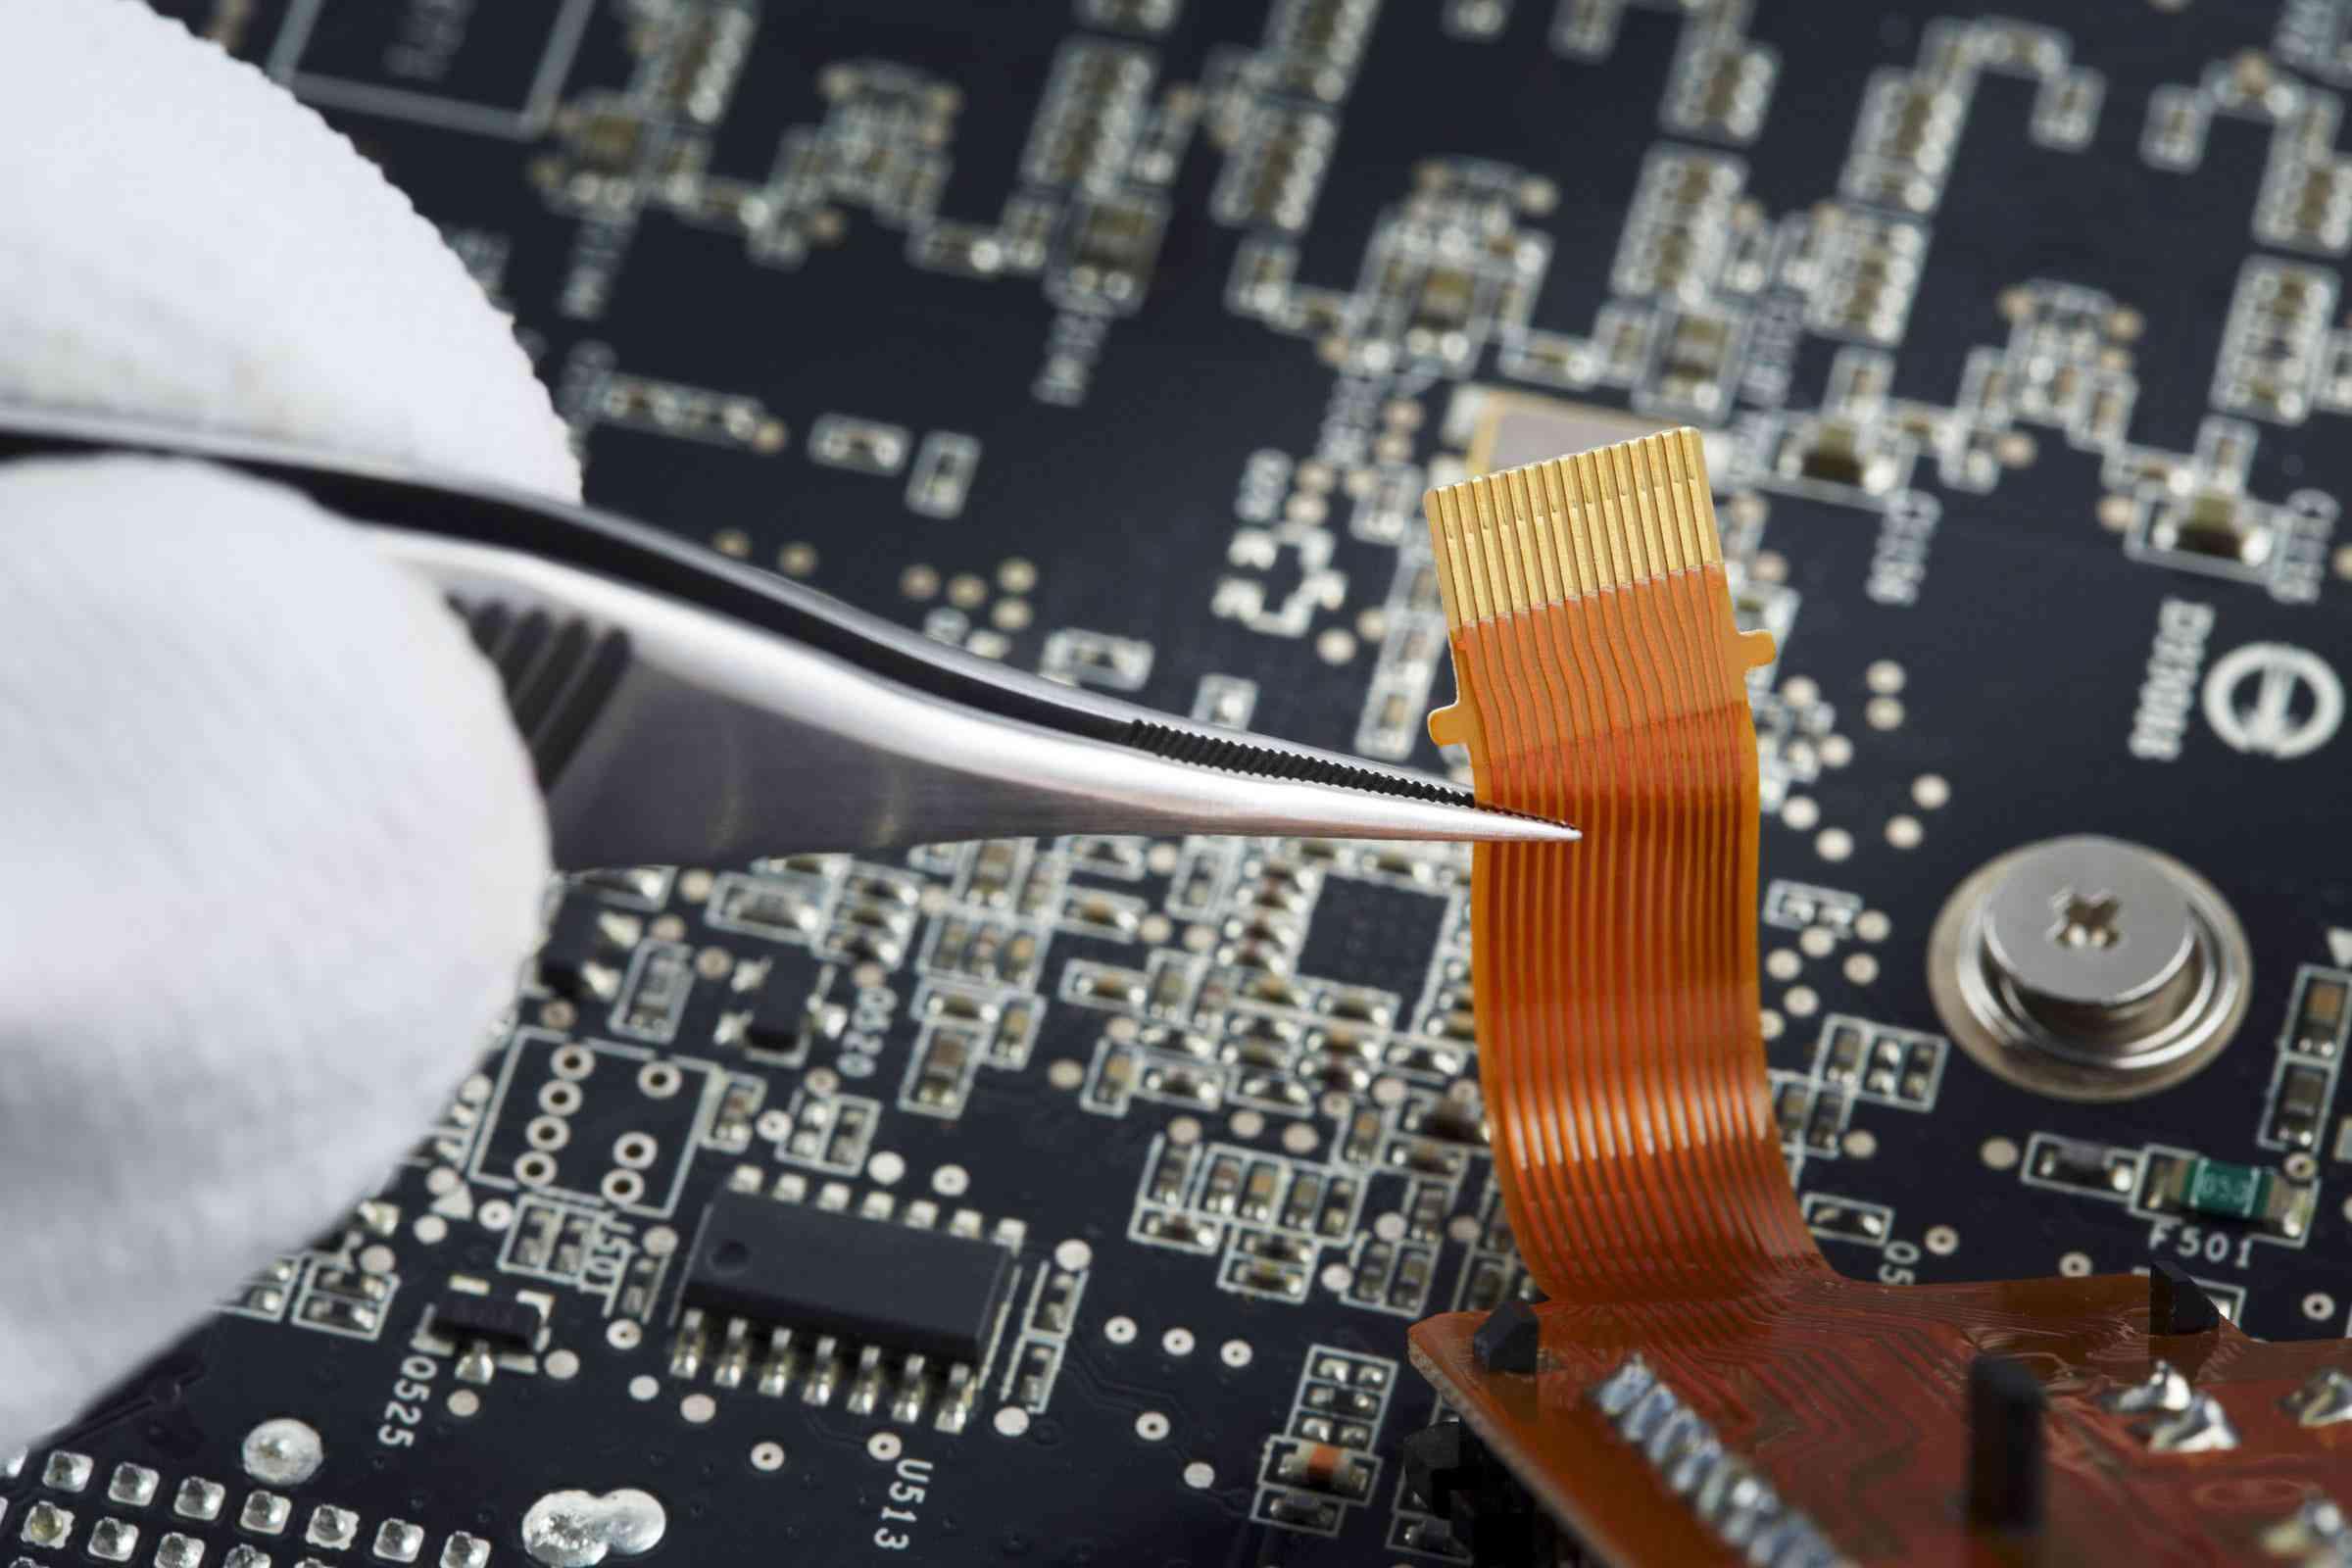 Human hand repairing printed circuit board, close up